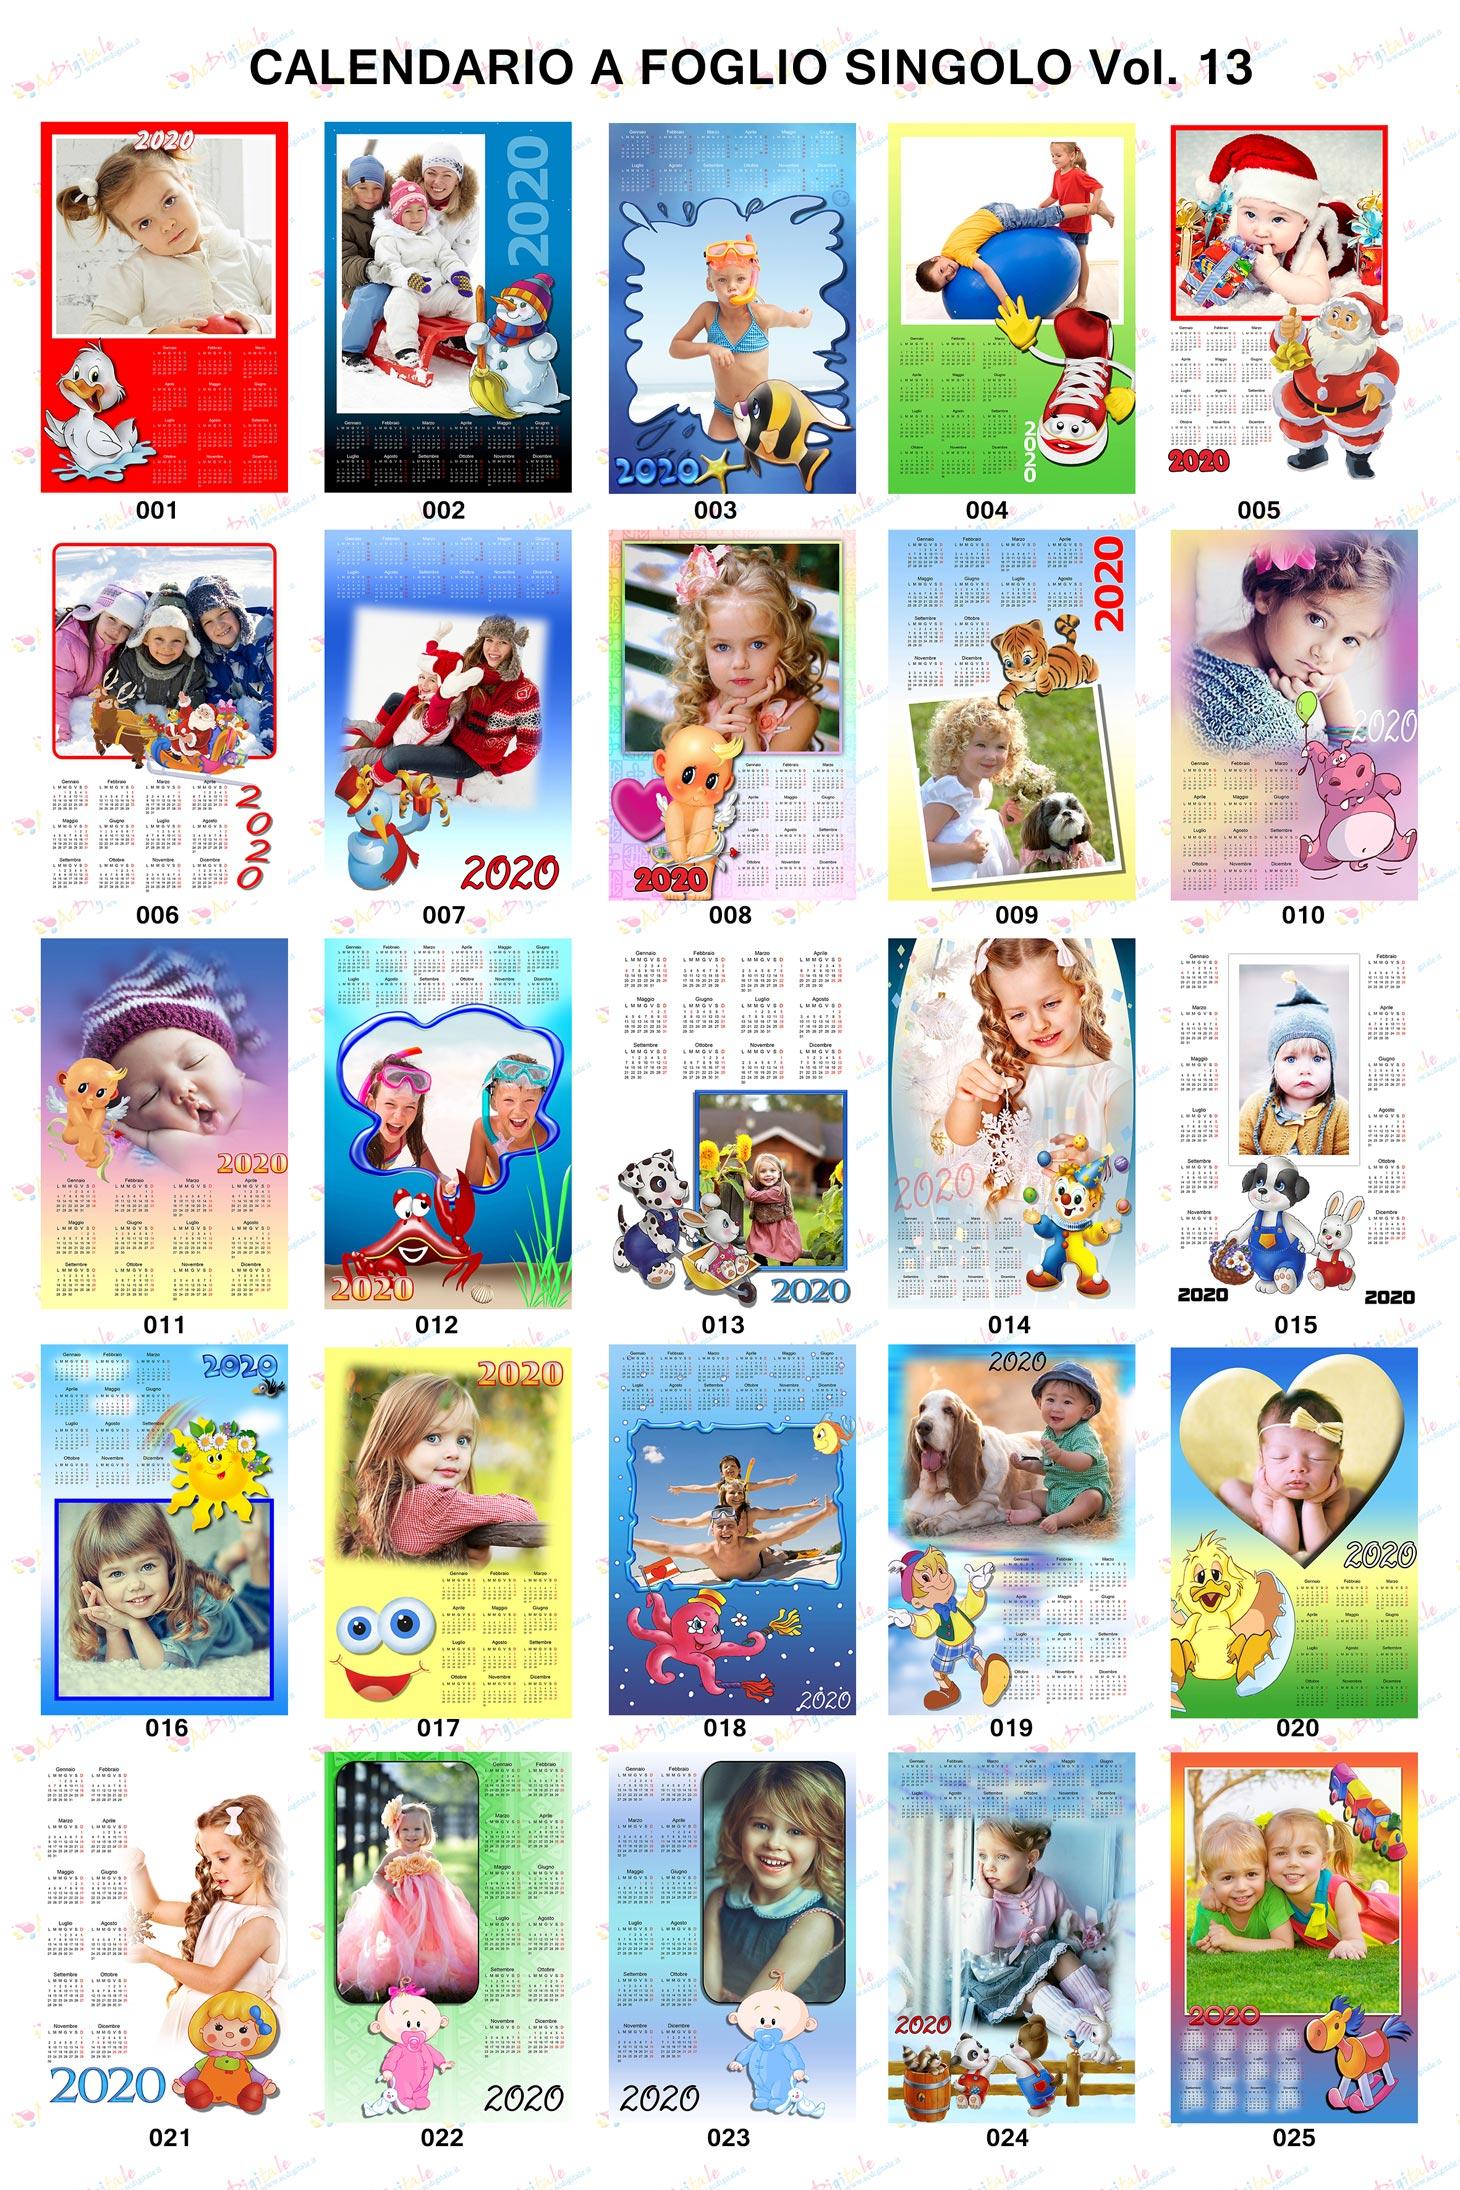 Anteprima calendari personalizzati 2020 volume 13